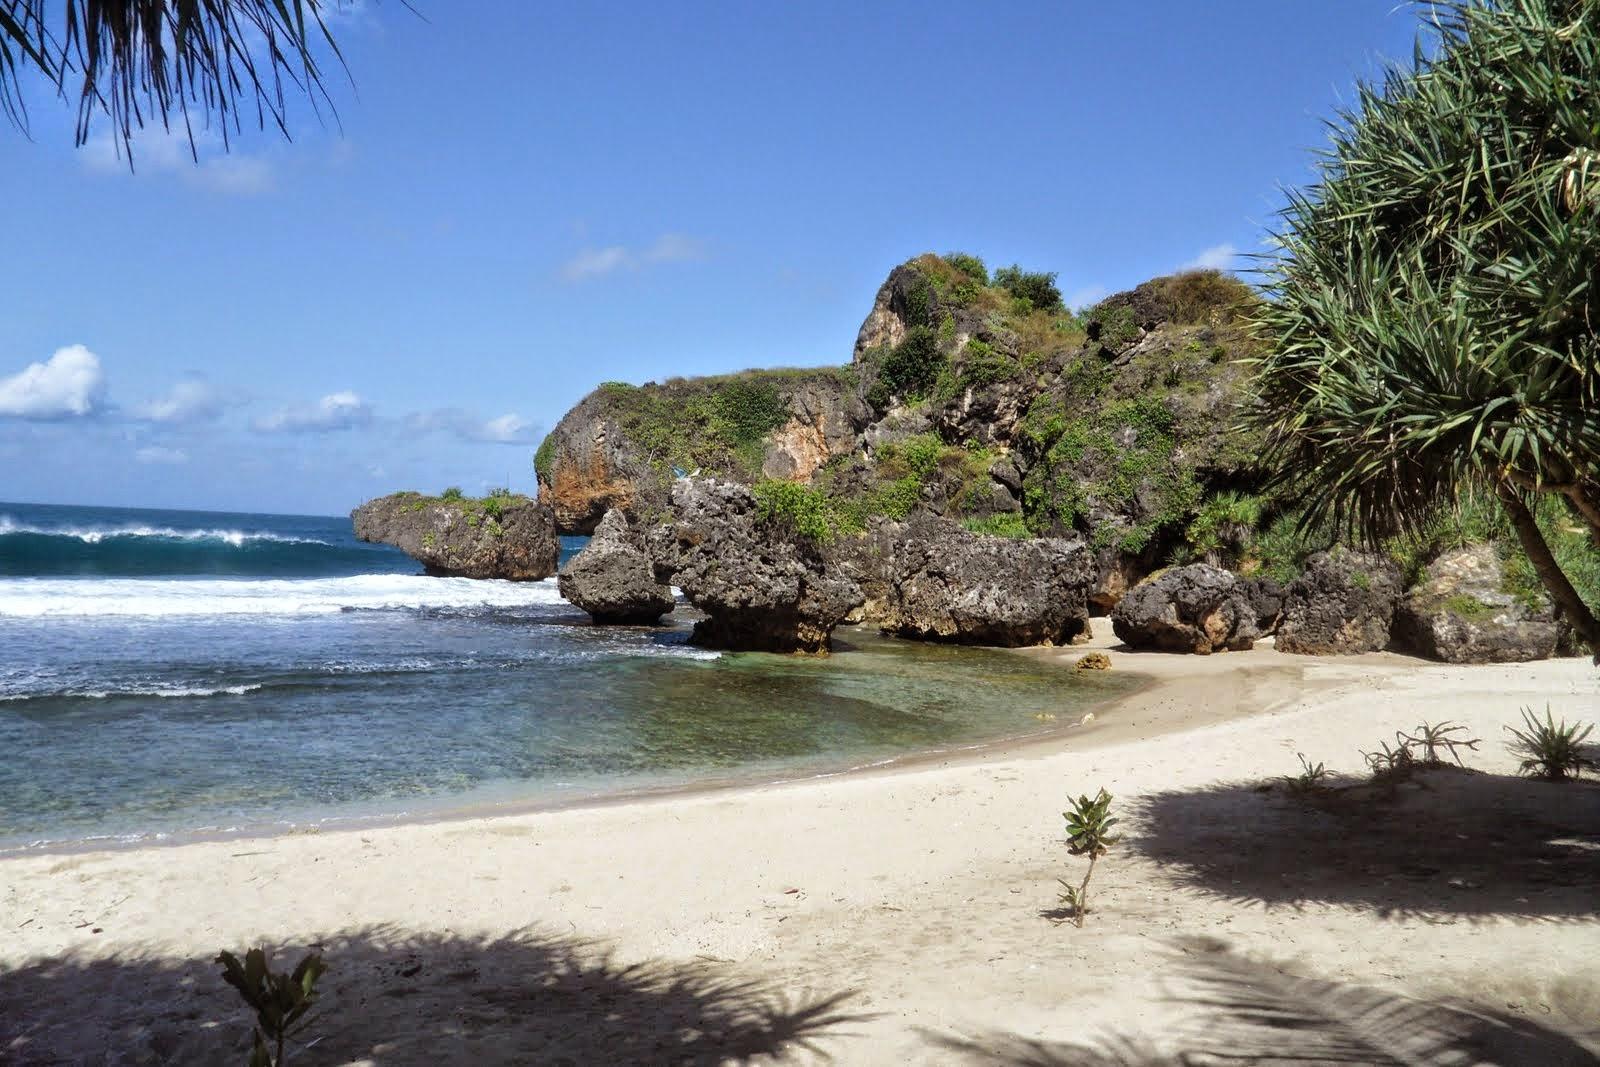 Tebing Tinggi Di Sekeliling Pantai Menjadi Ciri Khas Pantai Siung